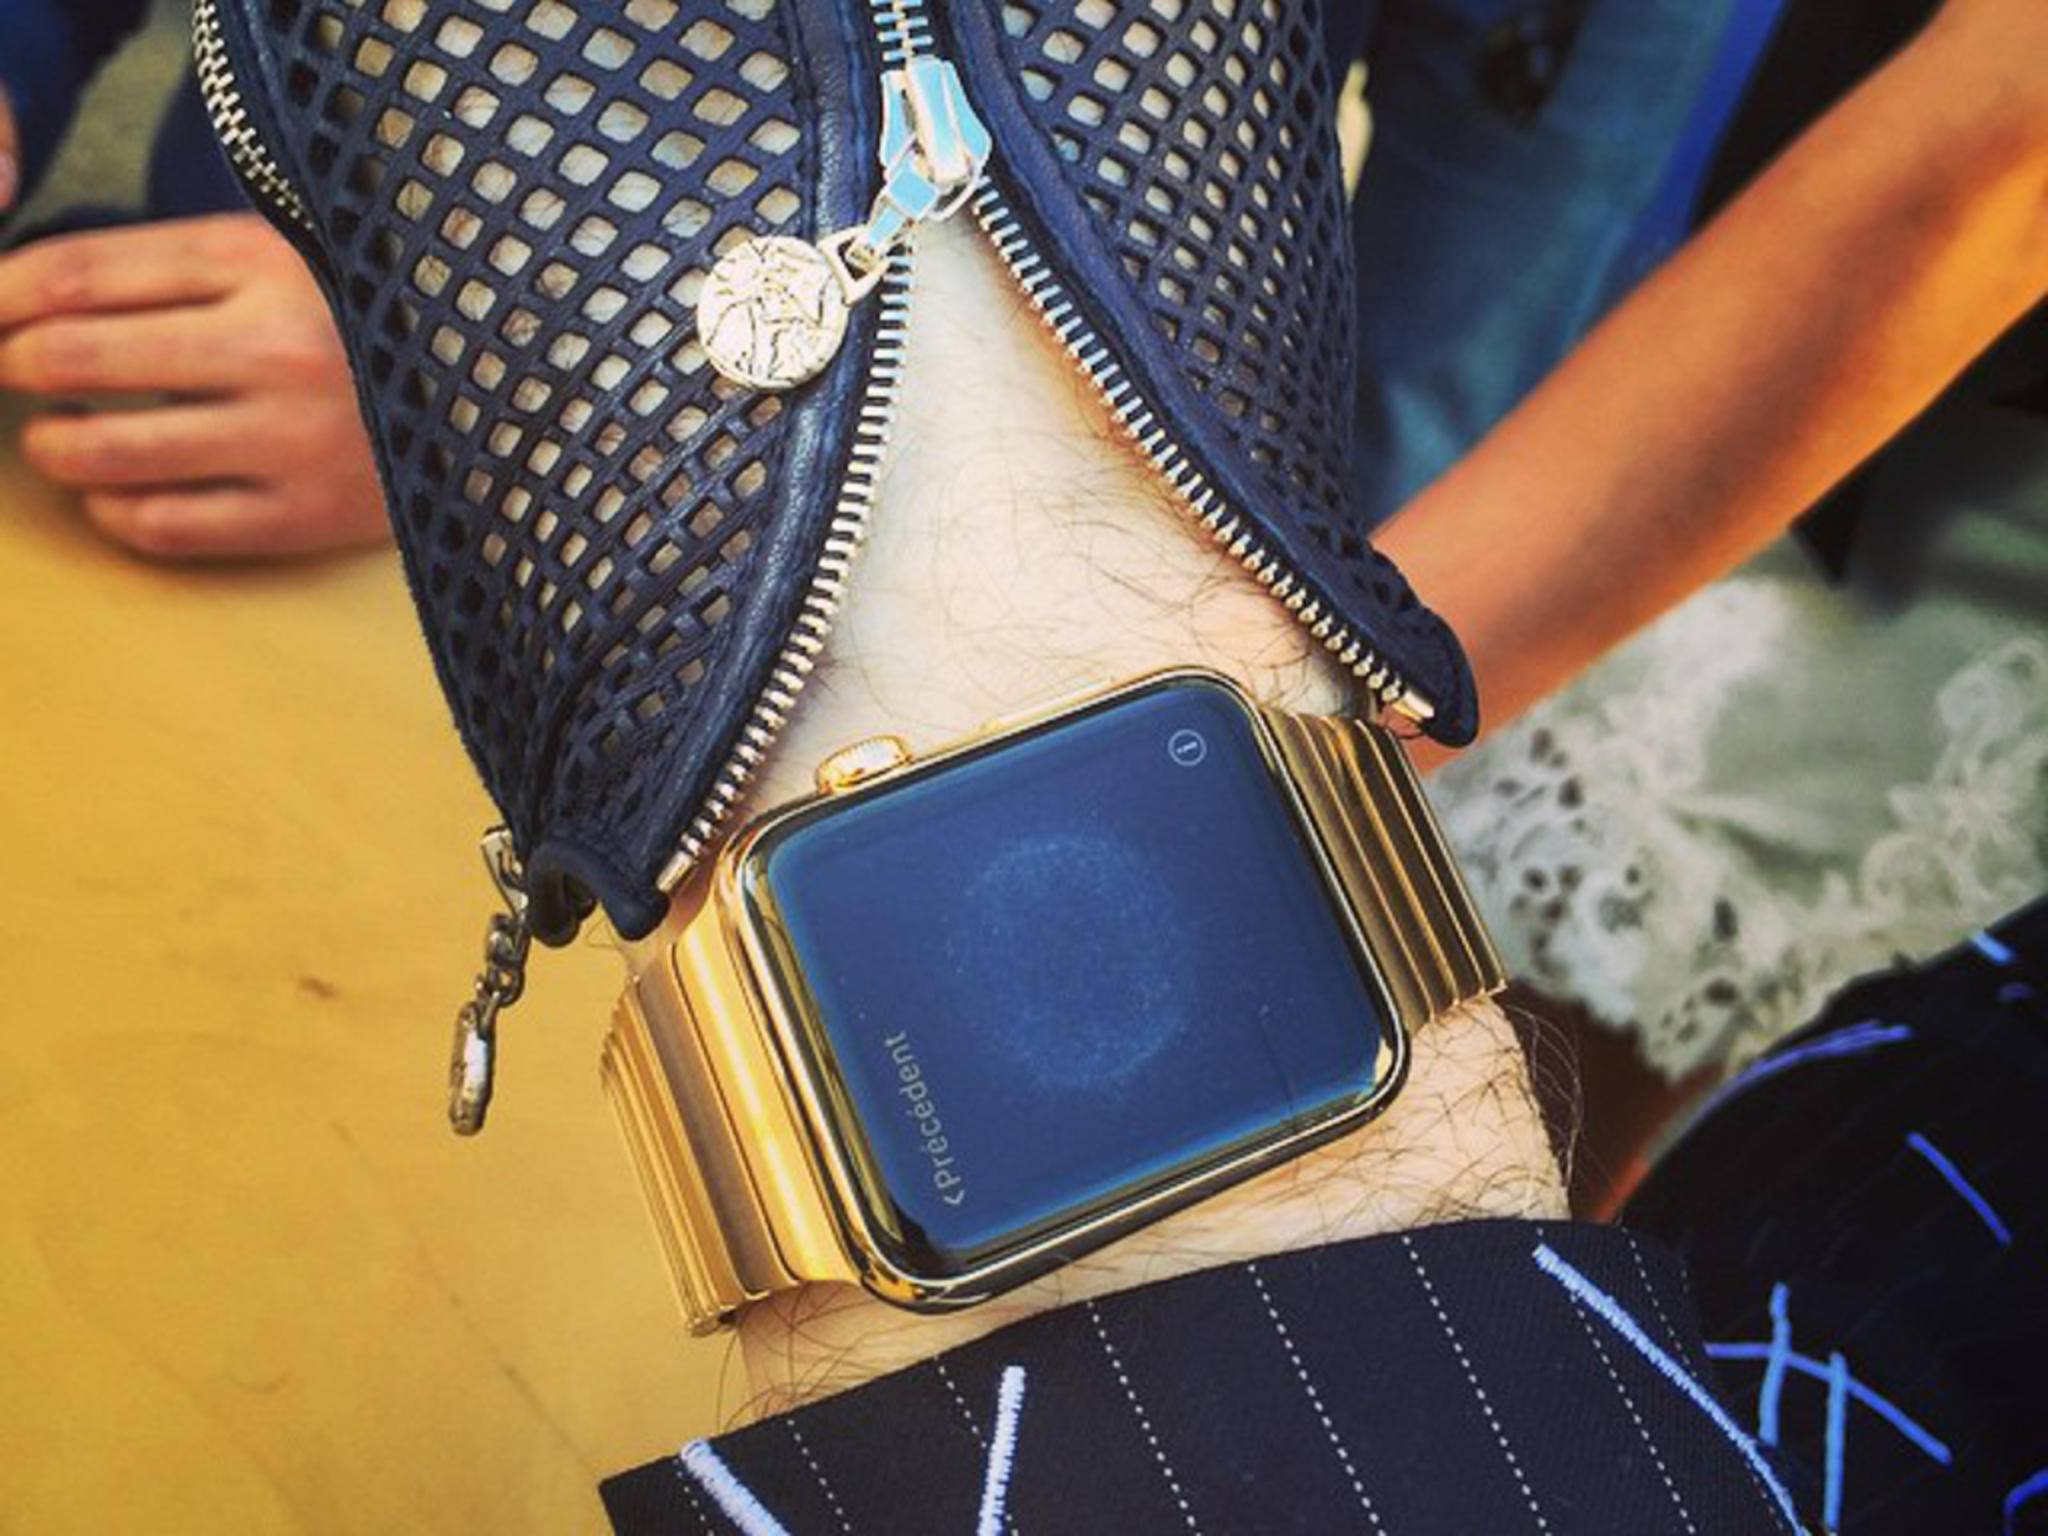 Die Apple Watch Edition von Karl Lagerfeld dürfte sogar mehr als 18.000 Euro kosten.